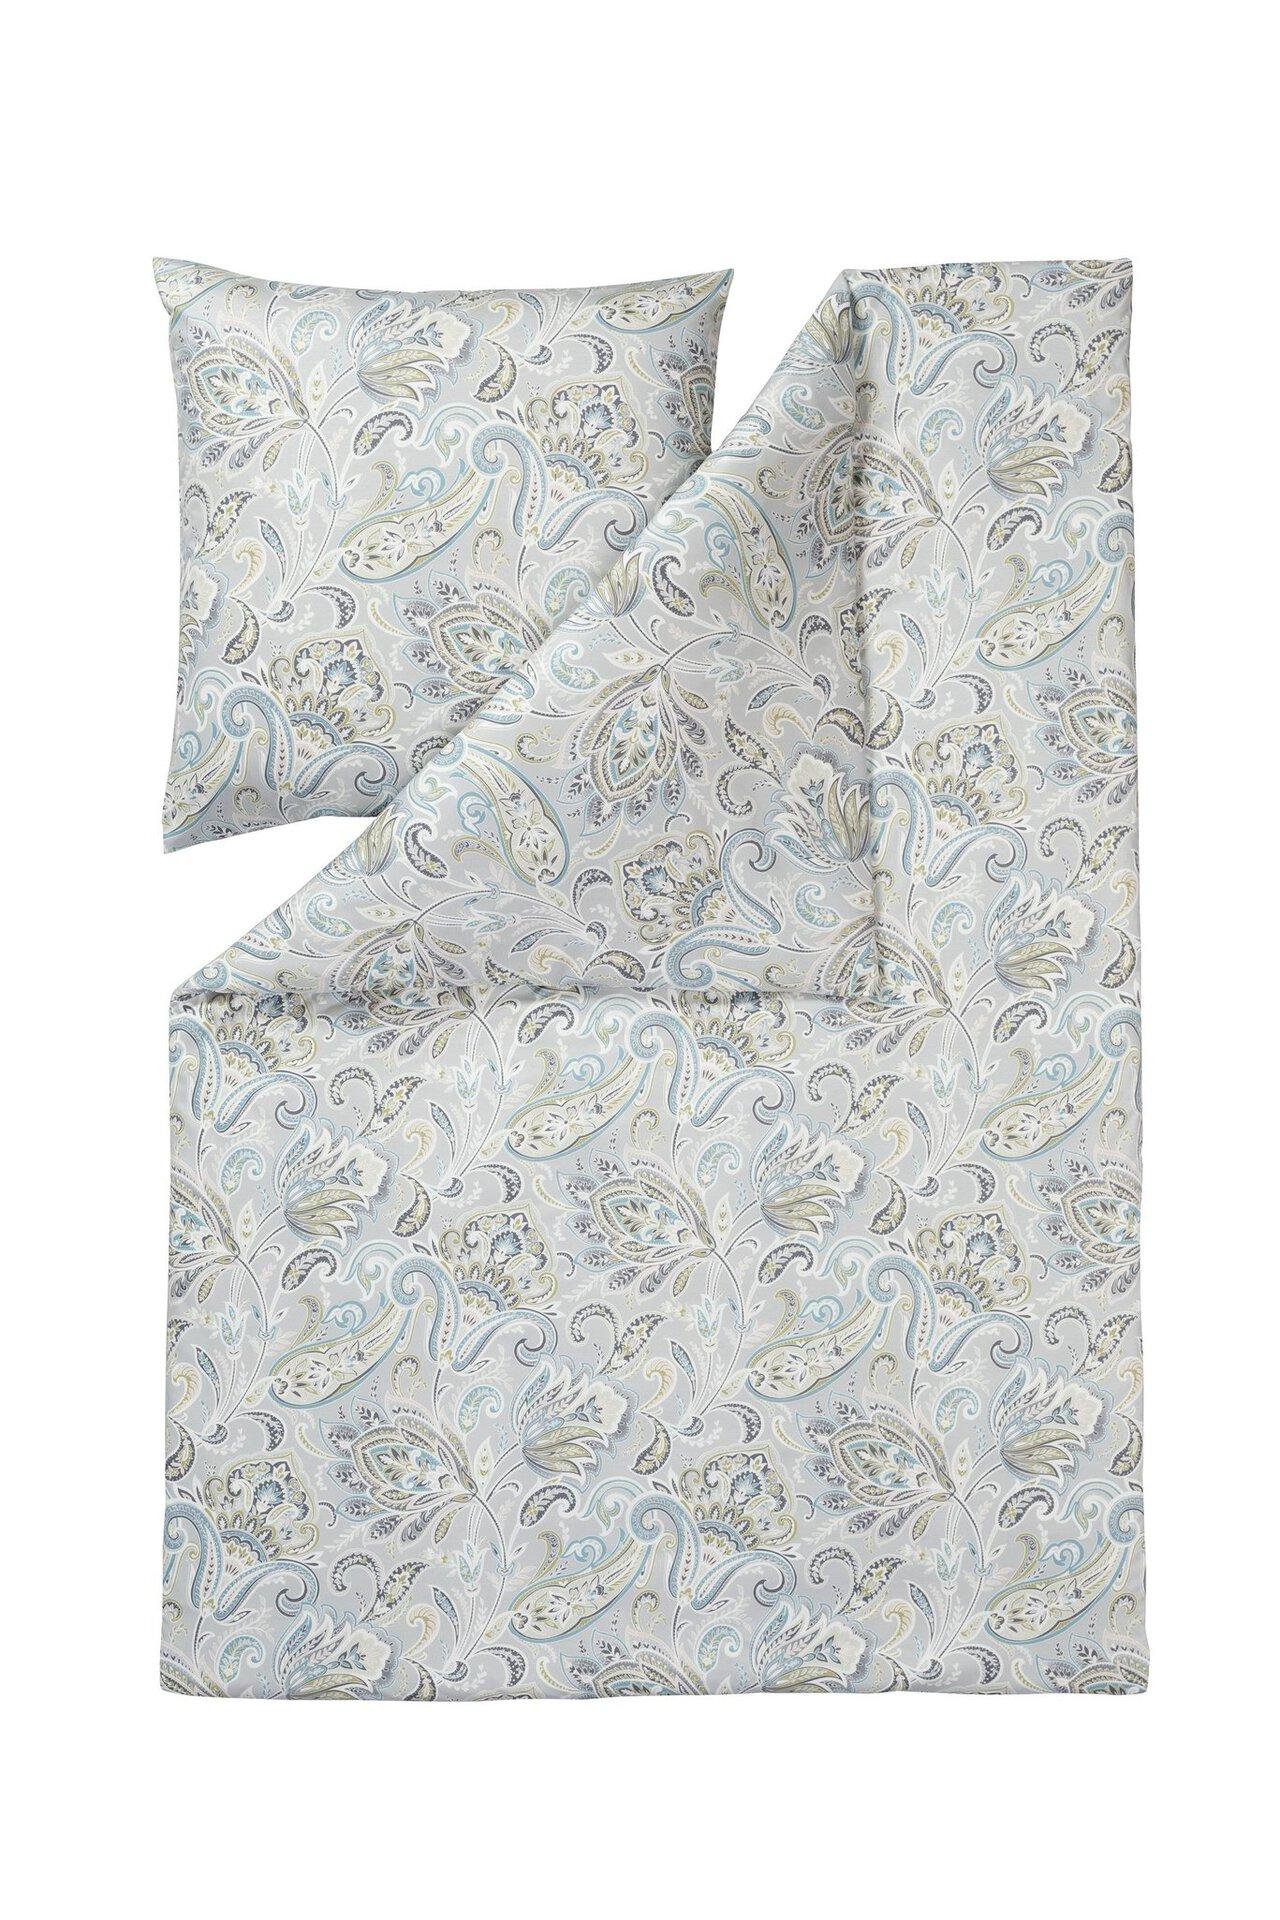 Jersey-Bettwäsche Milano Estella Textil silber 1 x 2 cm